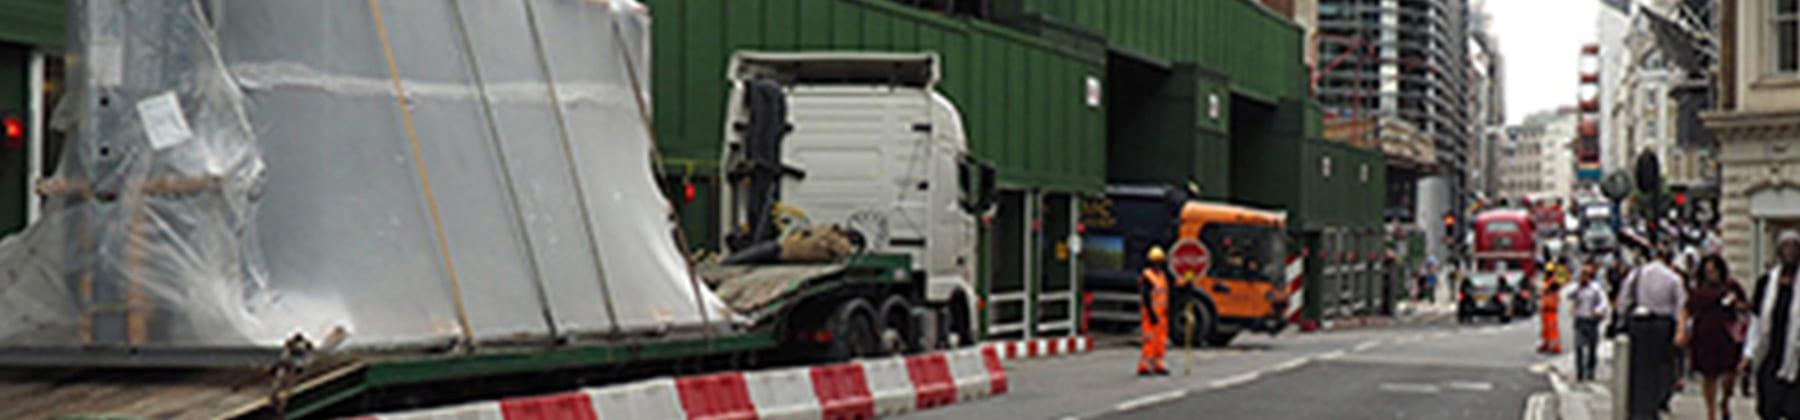 Site Logistics